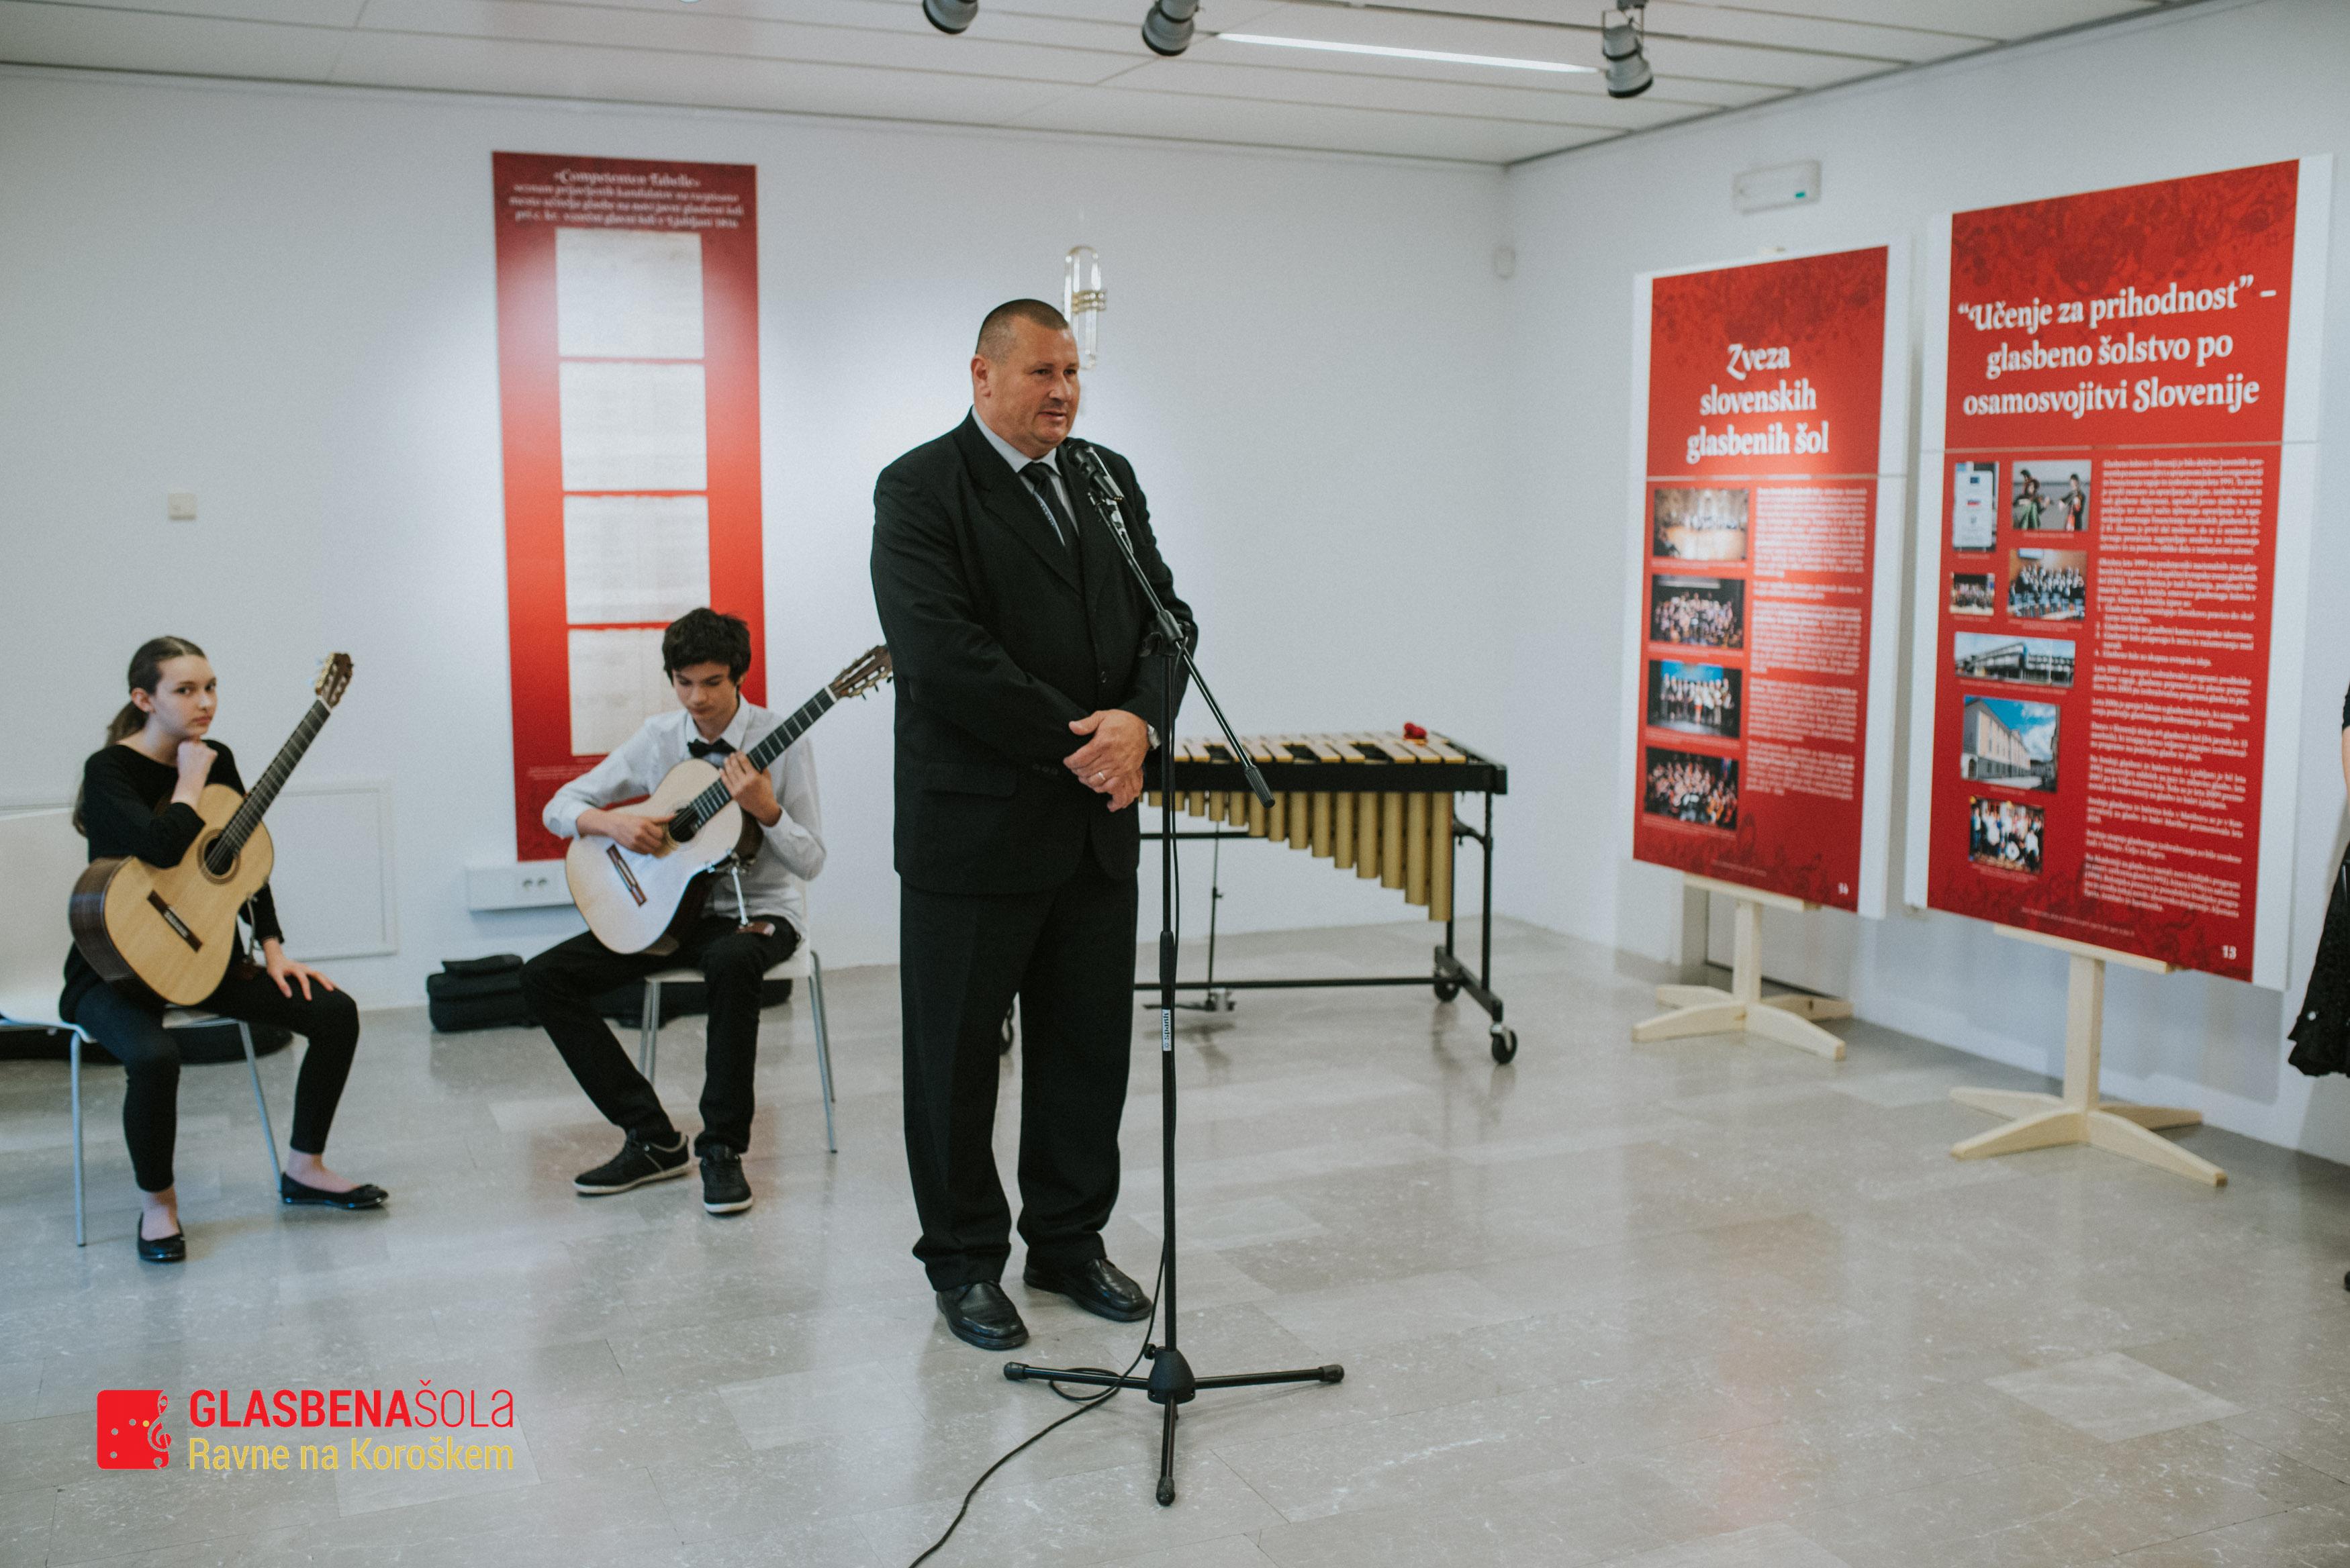 200-let-glasbenega-c5a1olstva-14